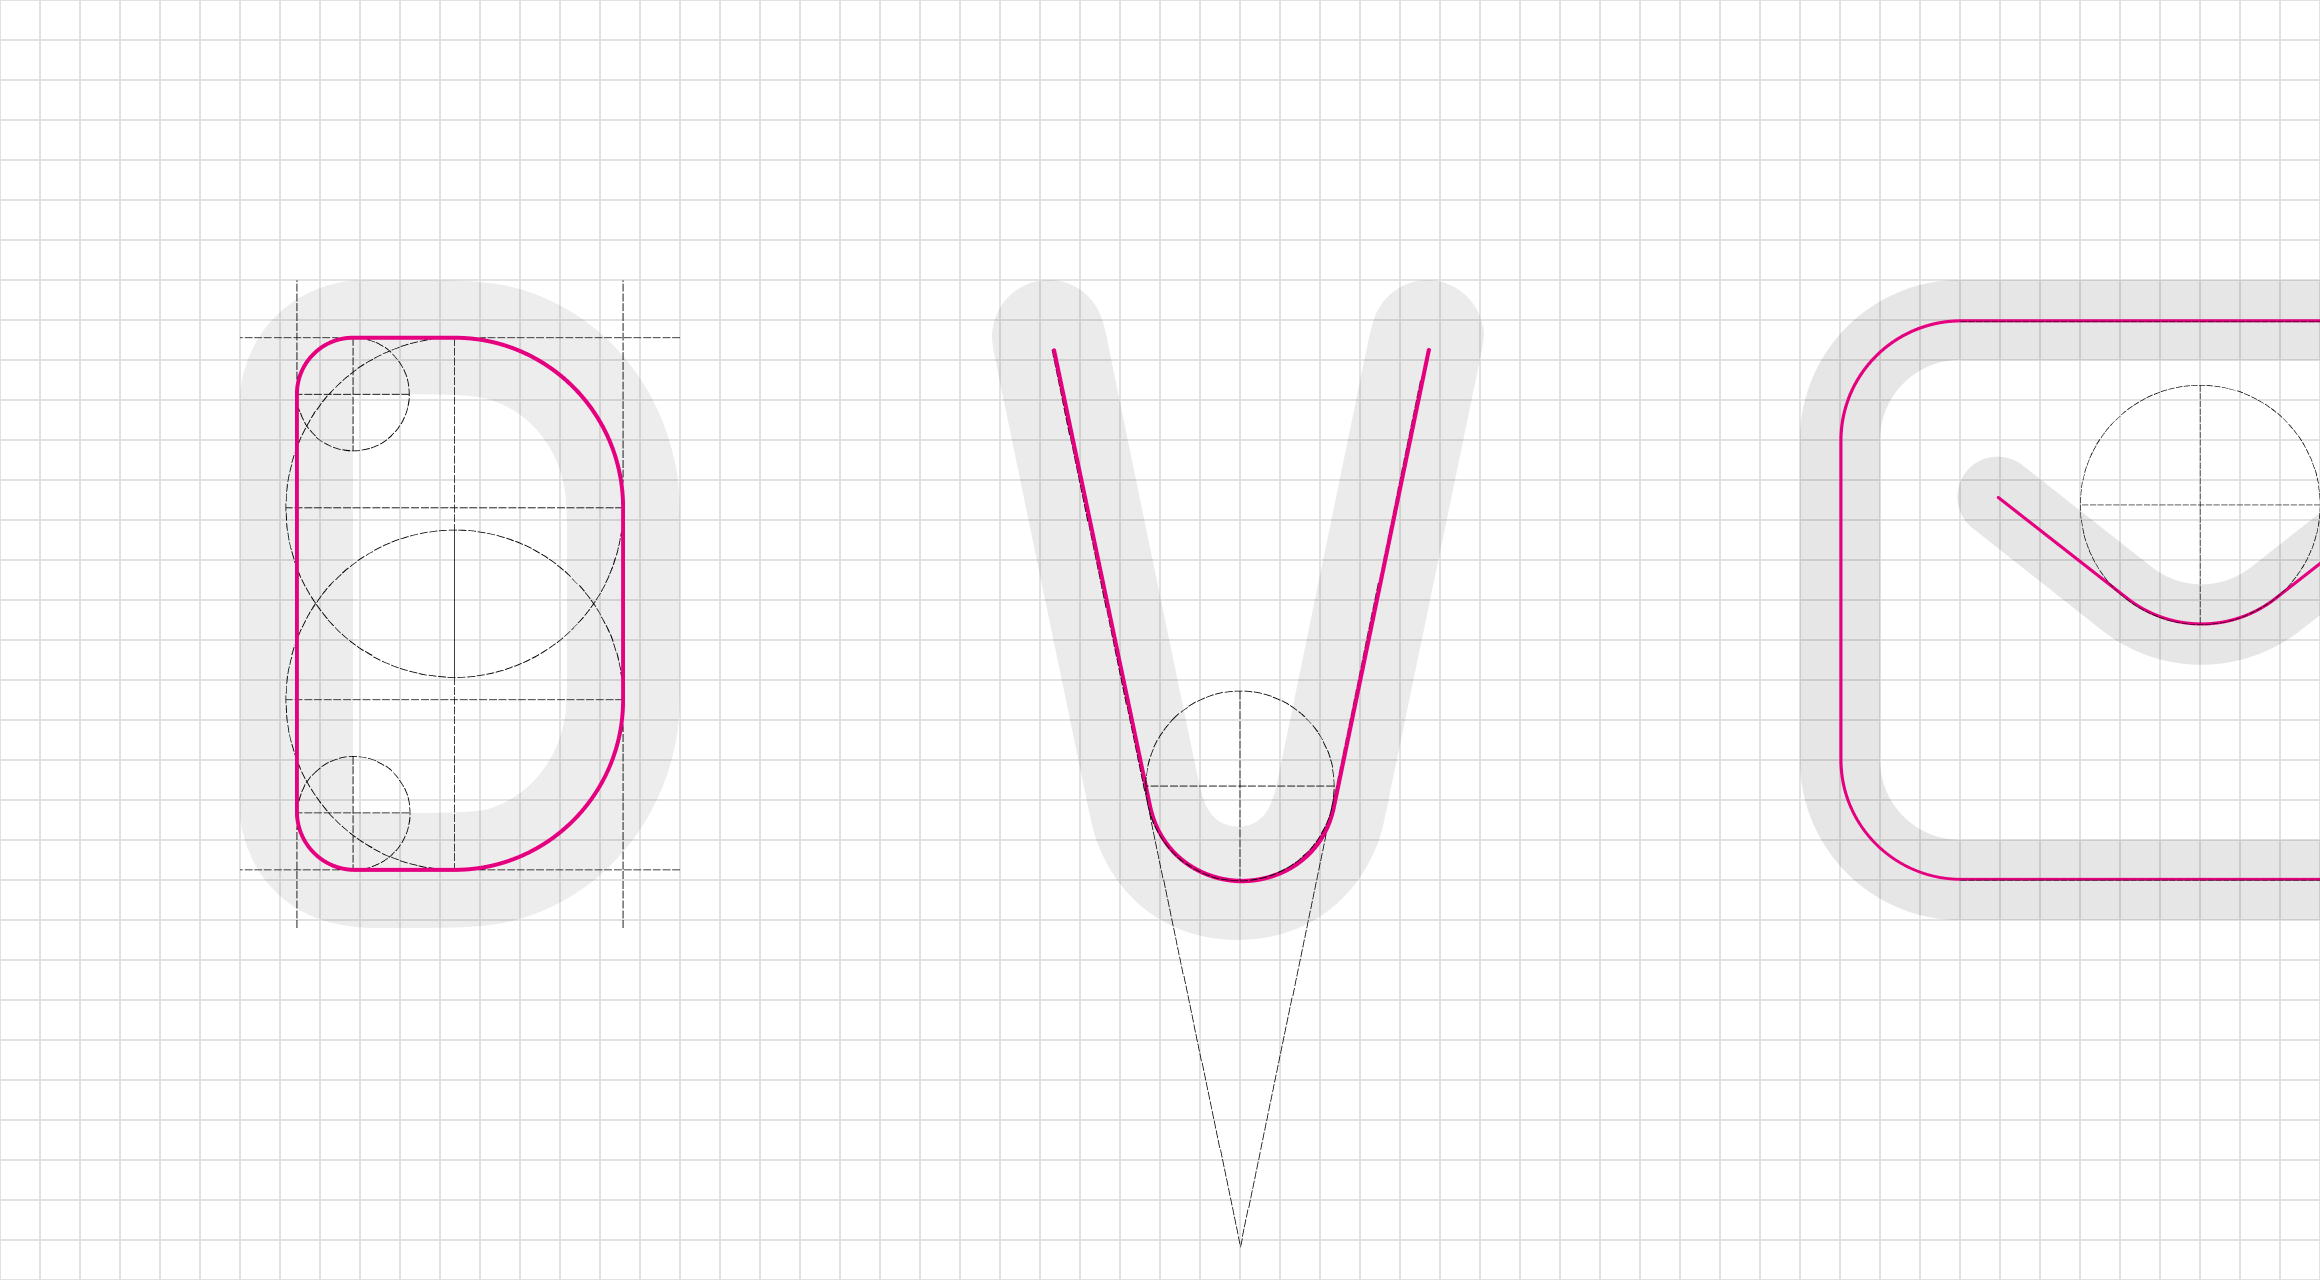 アイコンの造形の元となったAmeba Sansという書体の作りをイメージした図